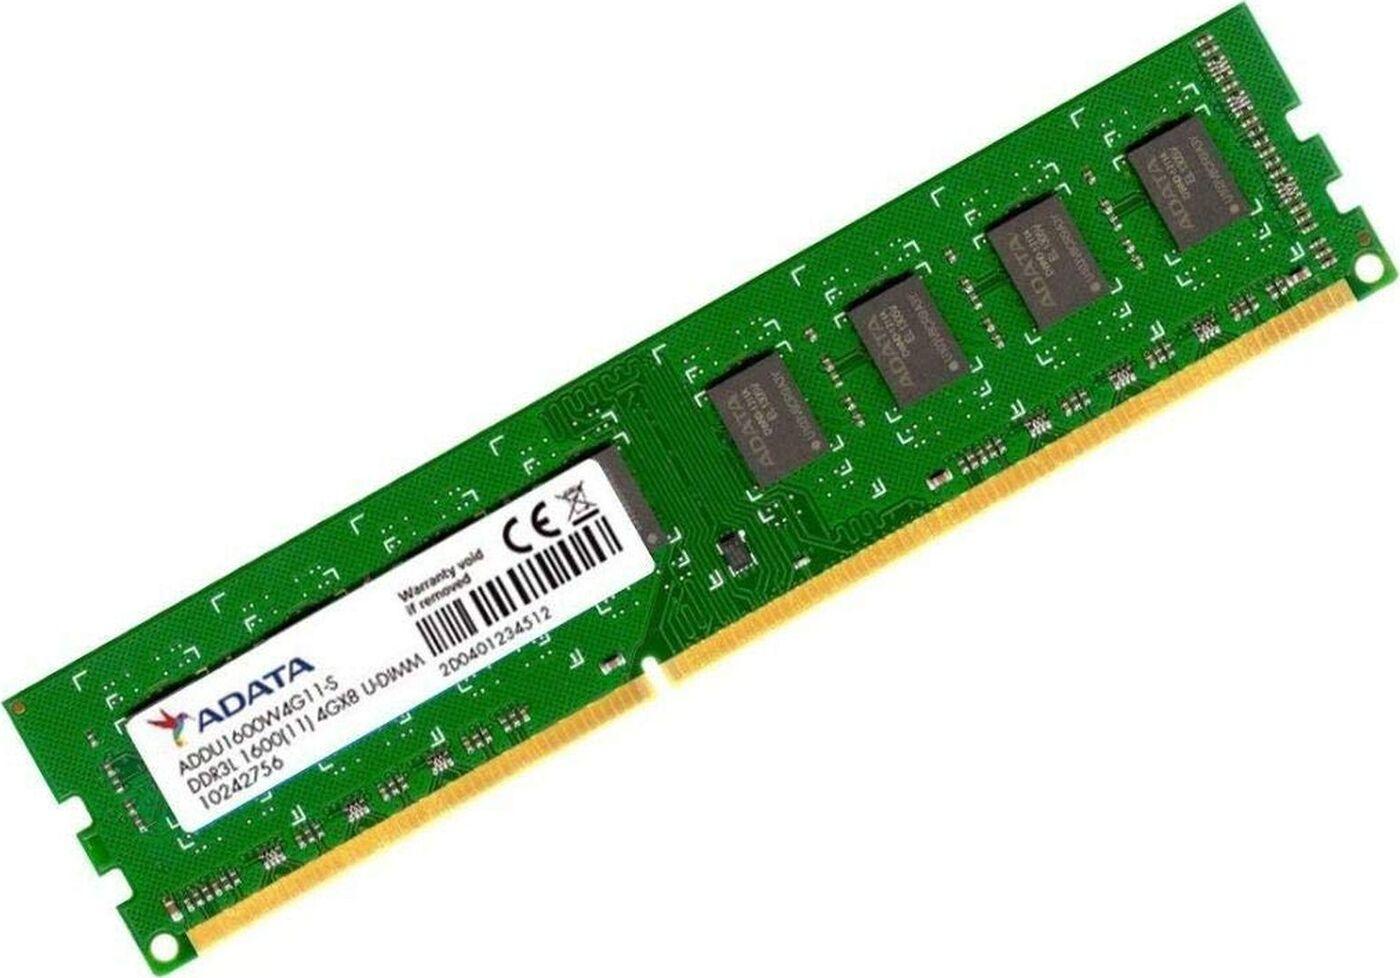 Оперативная память ADATA 4GB DDR3L 1600 DIMM ADDU1600W4G11-S Non-ECC, CL11, 1.35V, 512x8